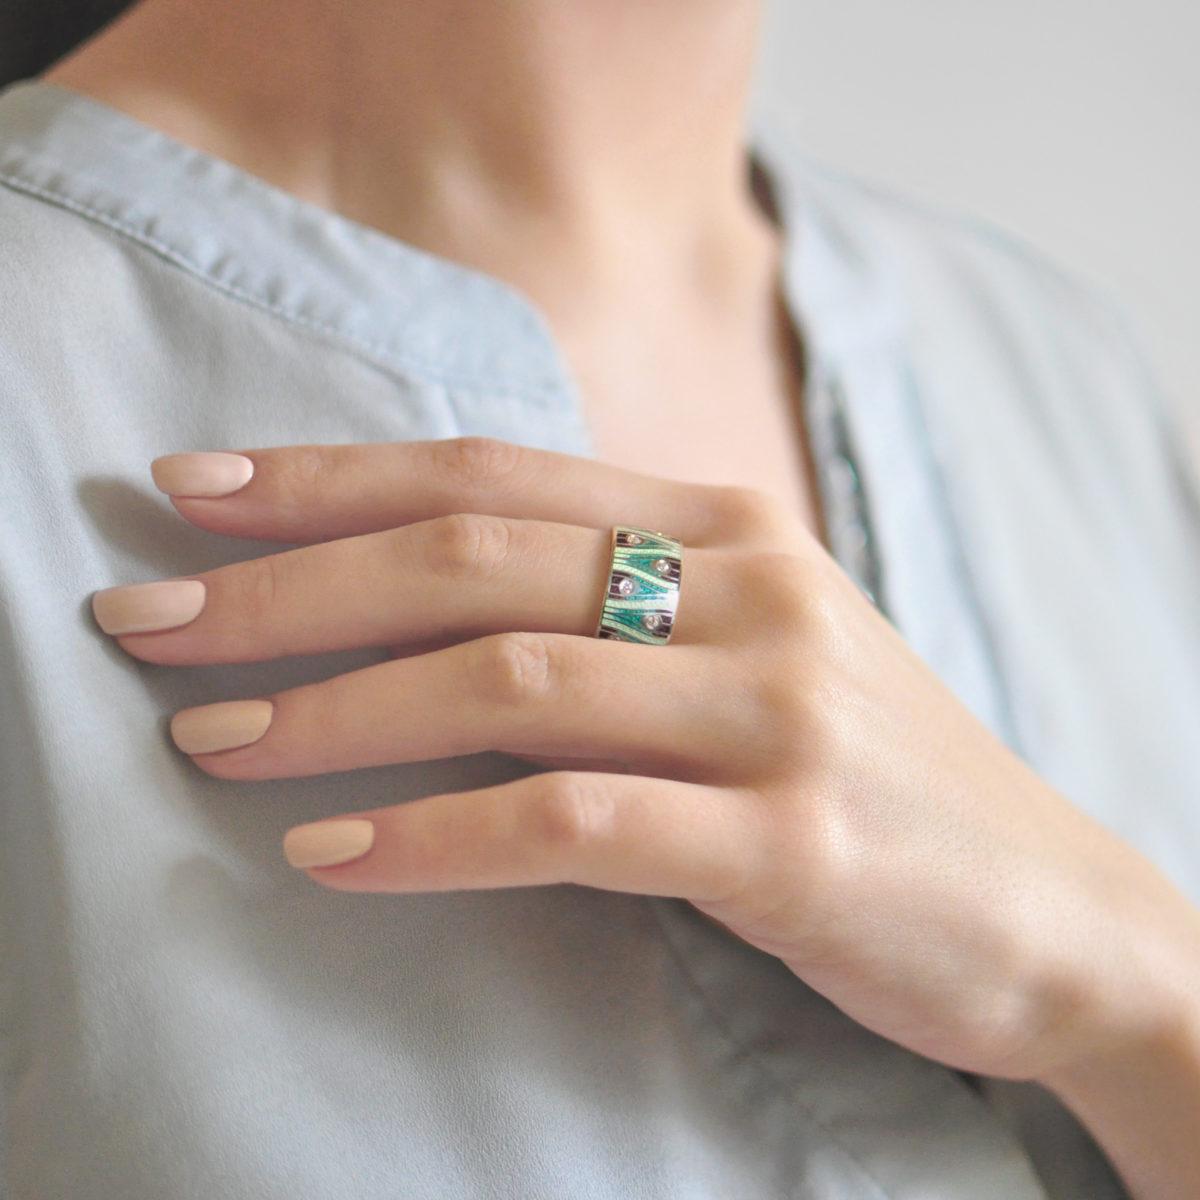 Serebro zelenaya 6 1200x1200 - Кольцо из серебра «Модерн. Перо павлина», зеленая с фианитами